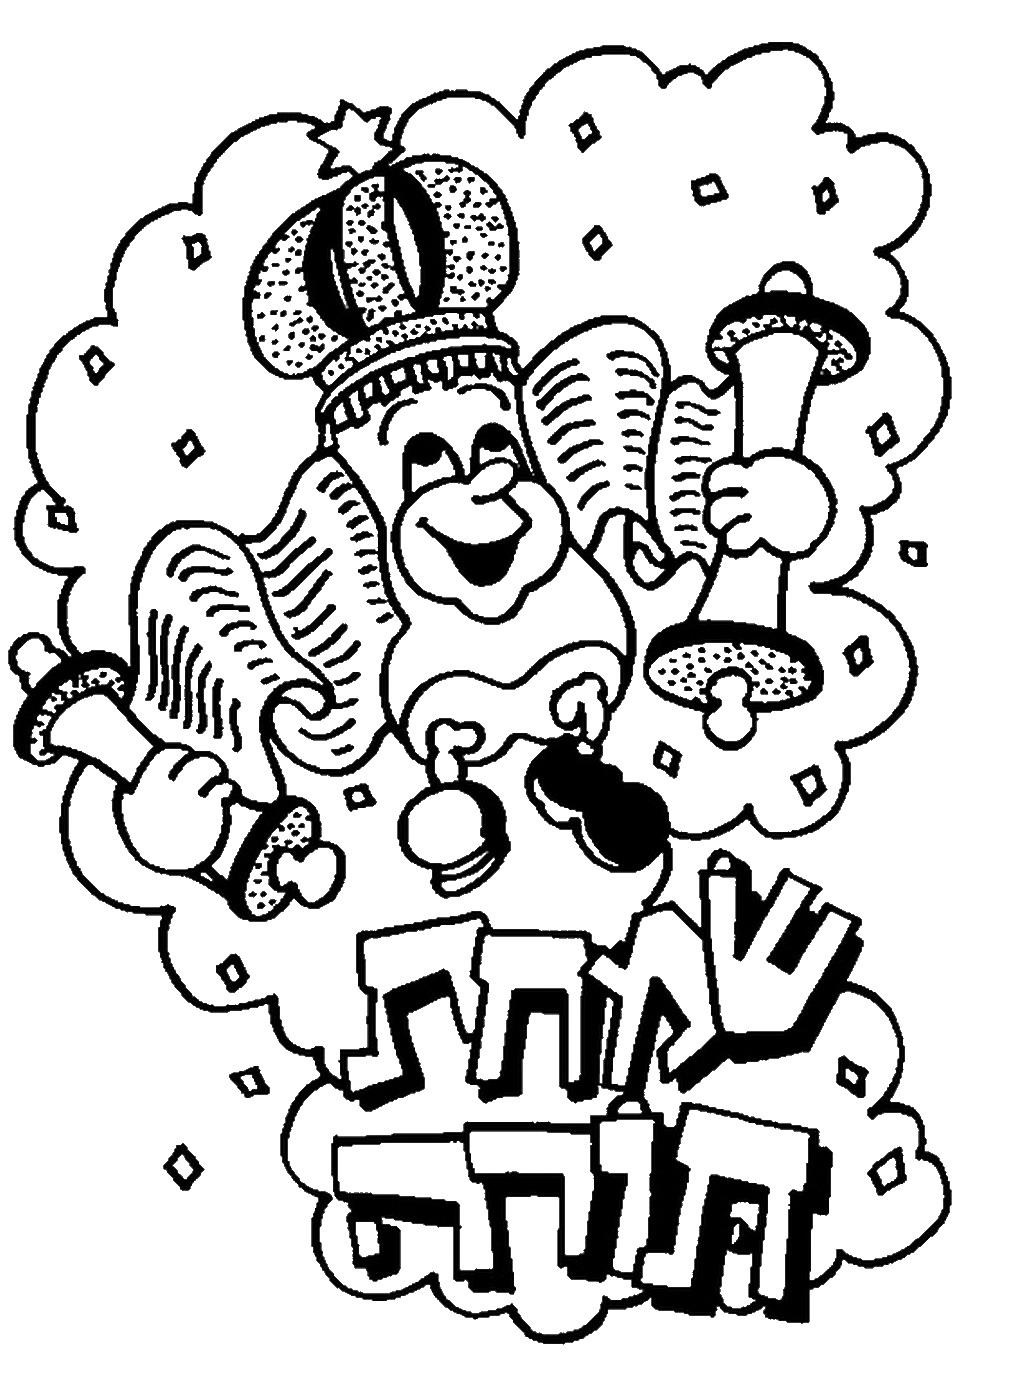 האתר הגדול בישראל לדפי צביעה להדפסה ואונליין באיכות מעולה